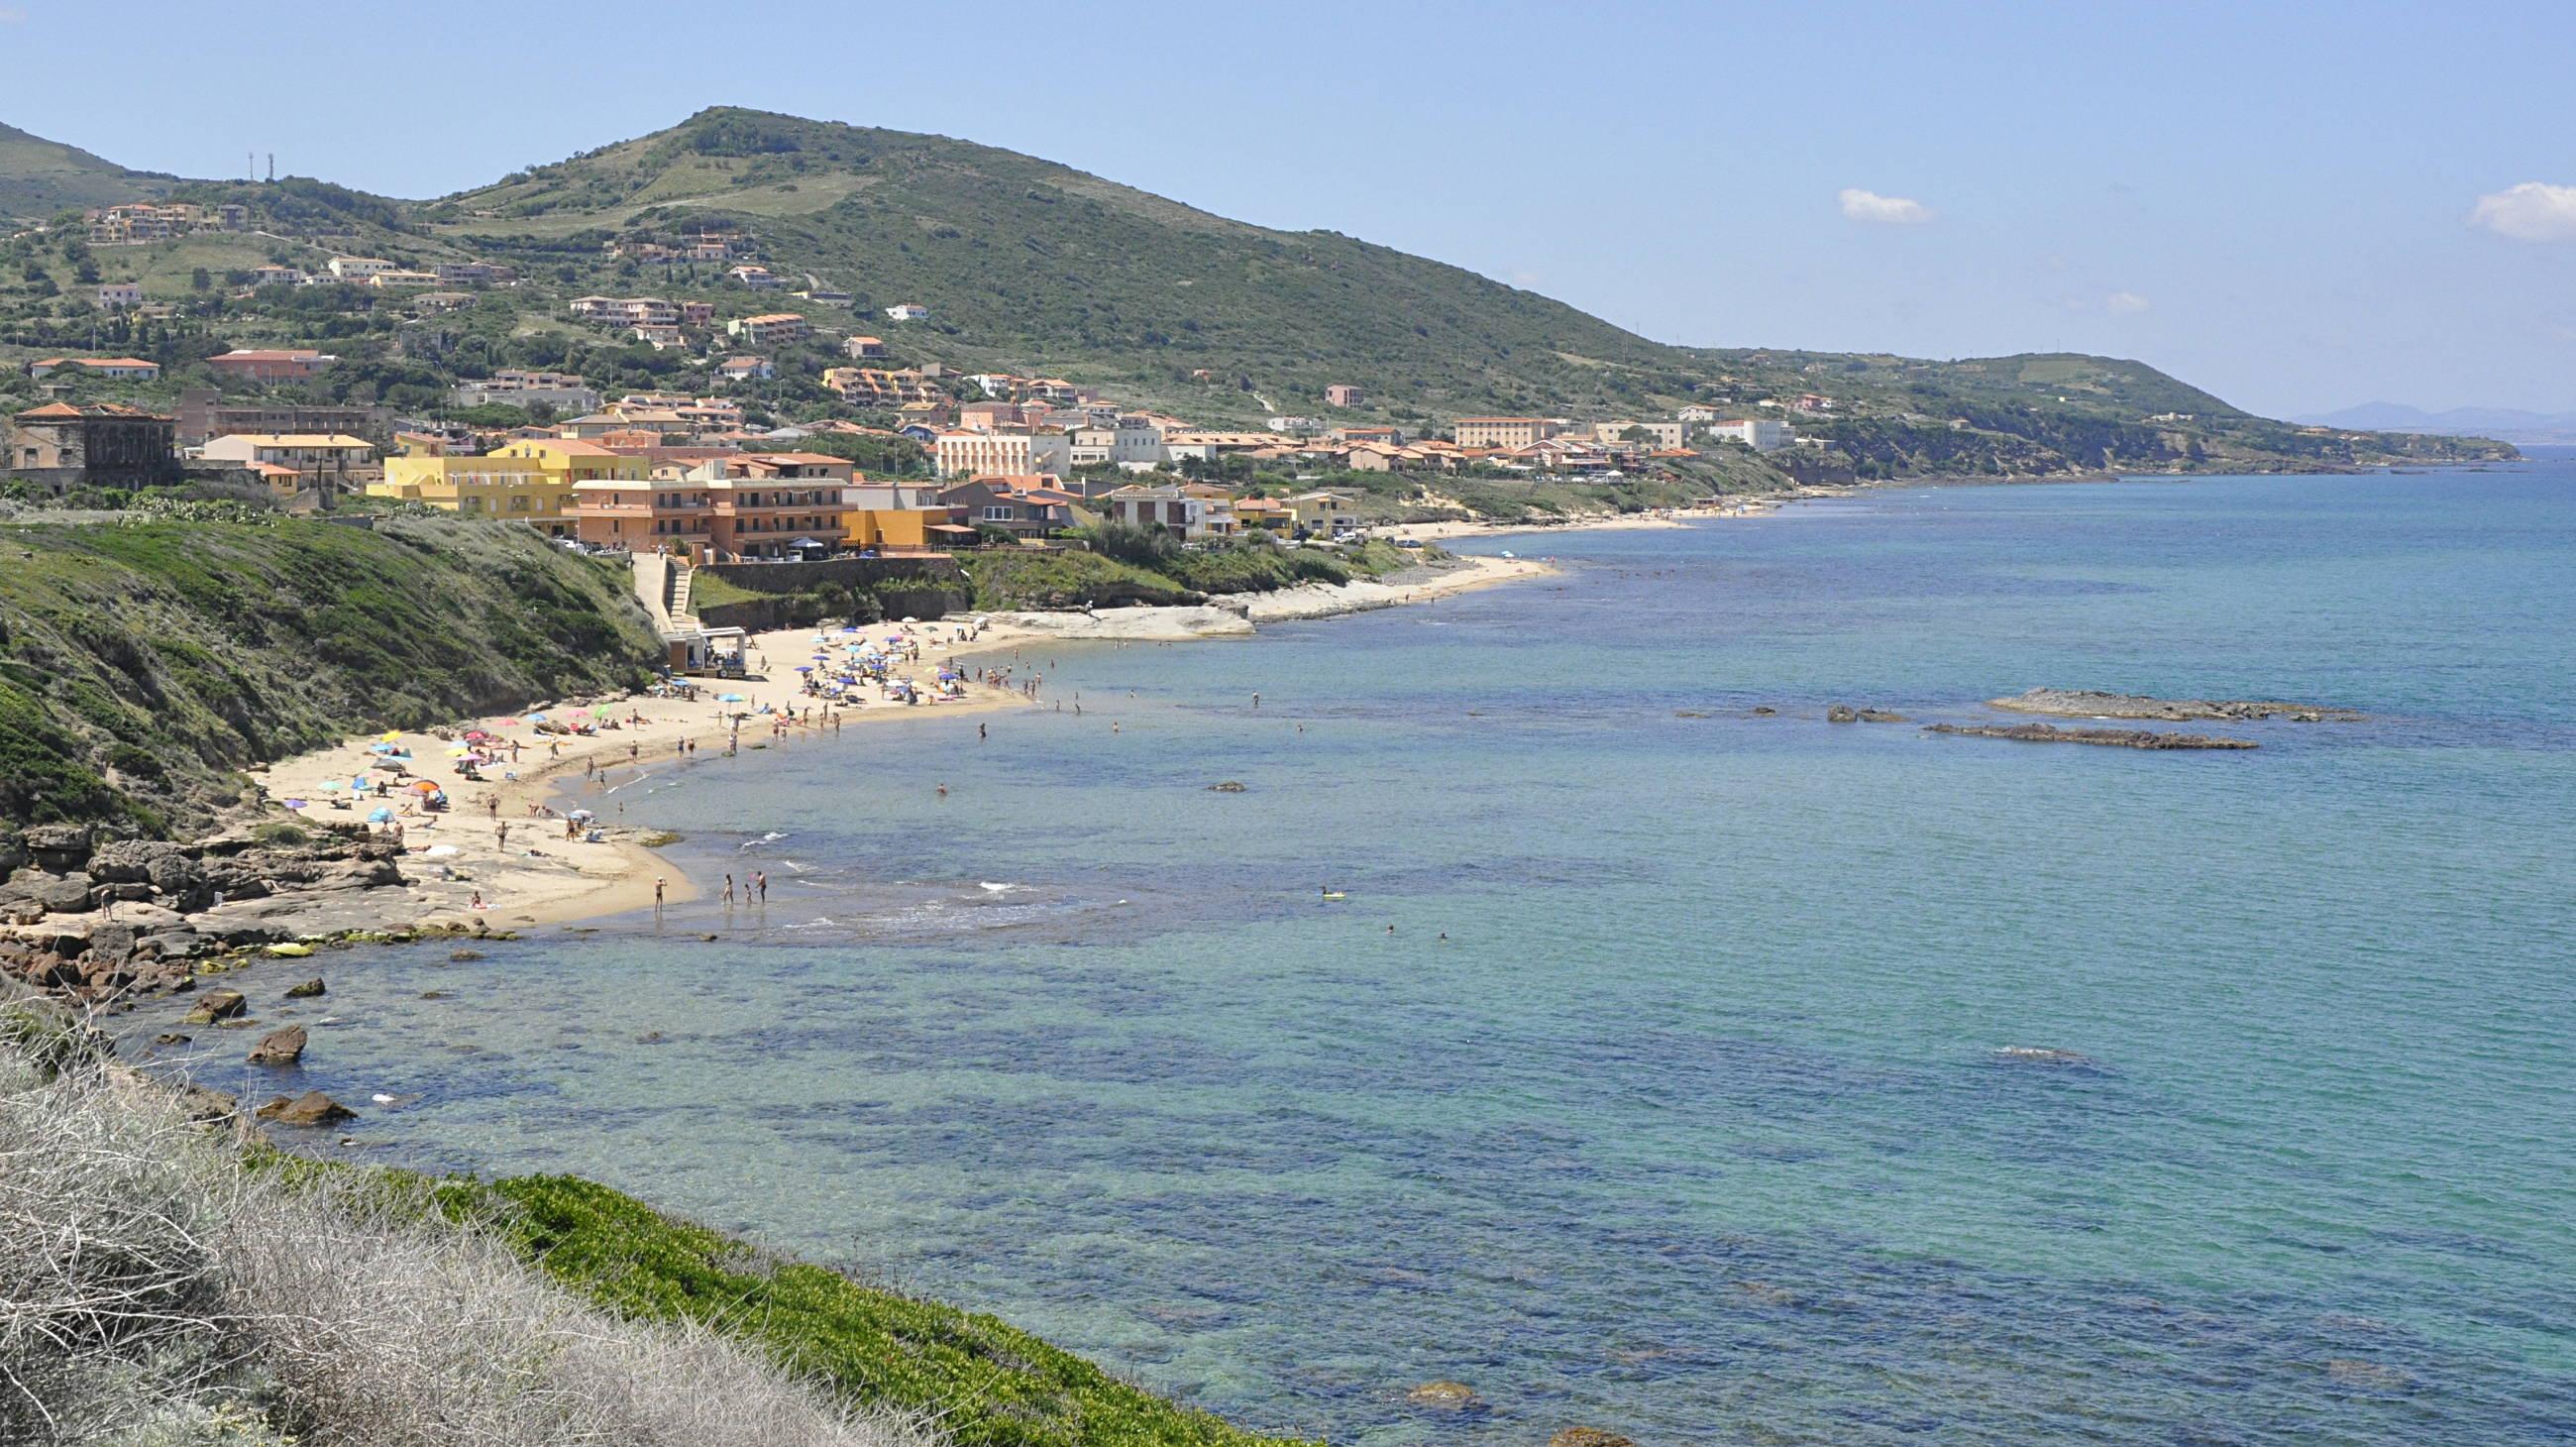 LuBagnu Vacanze - Casa vacanze a Lu Bagnu Castelsardo, Sardegna